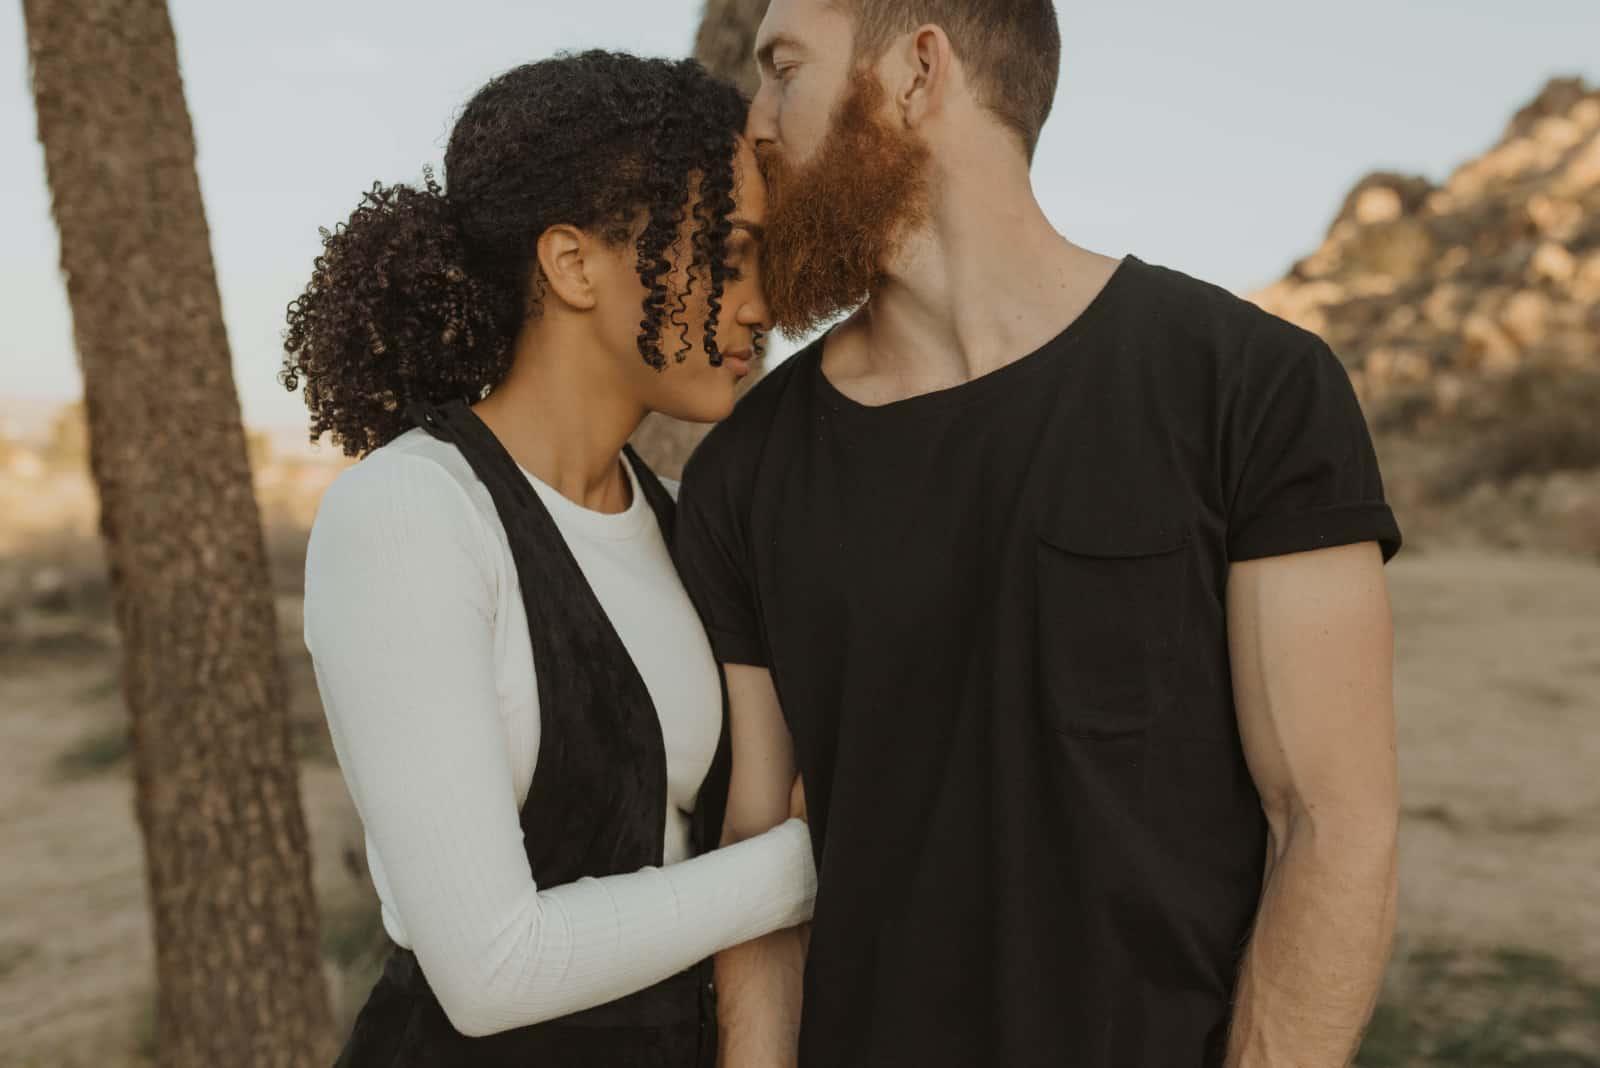 homme embrassant le front d'une femme debout en plein air